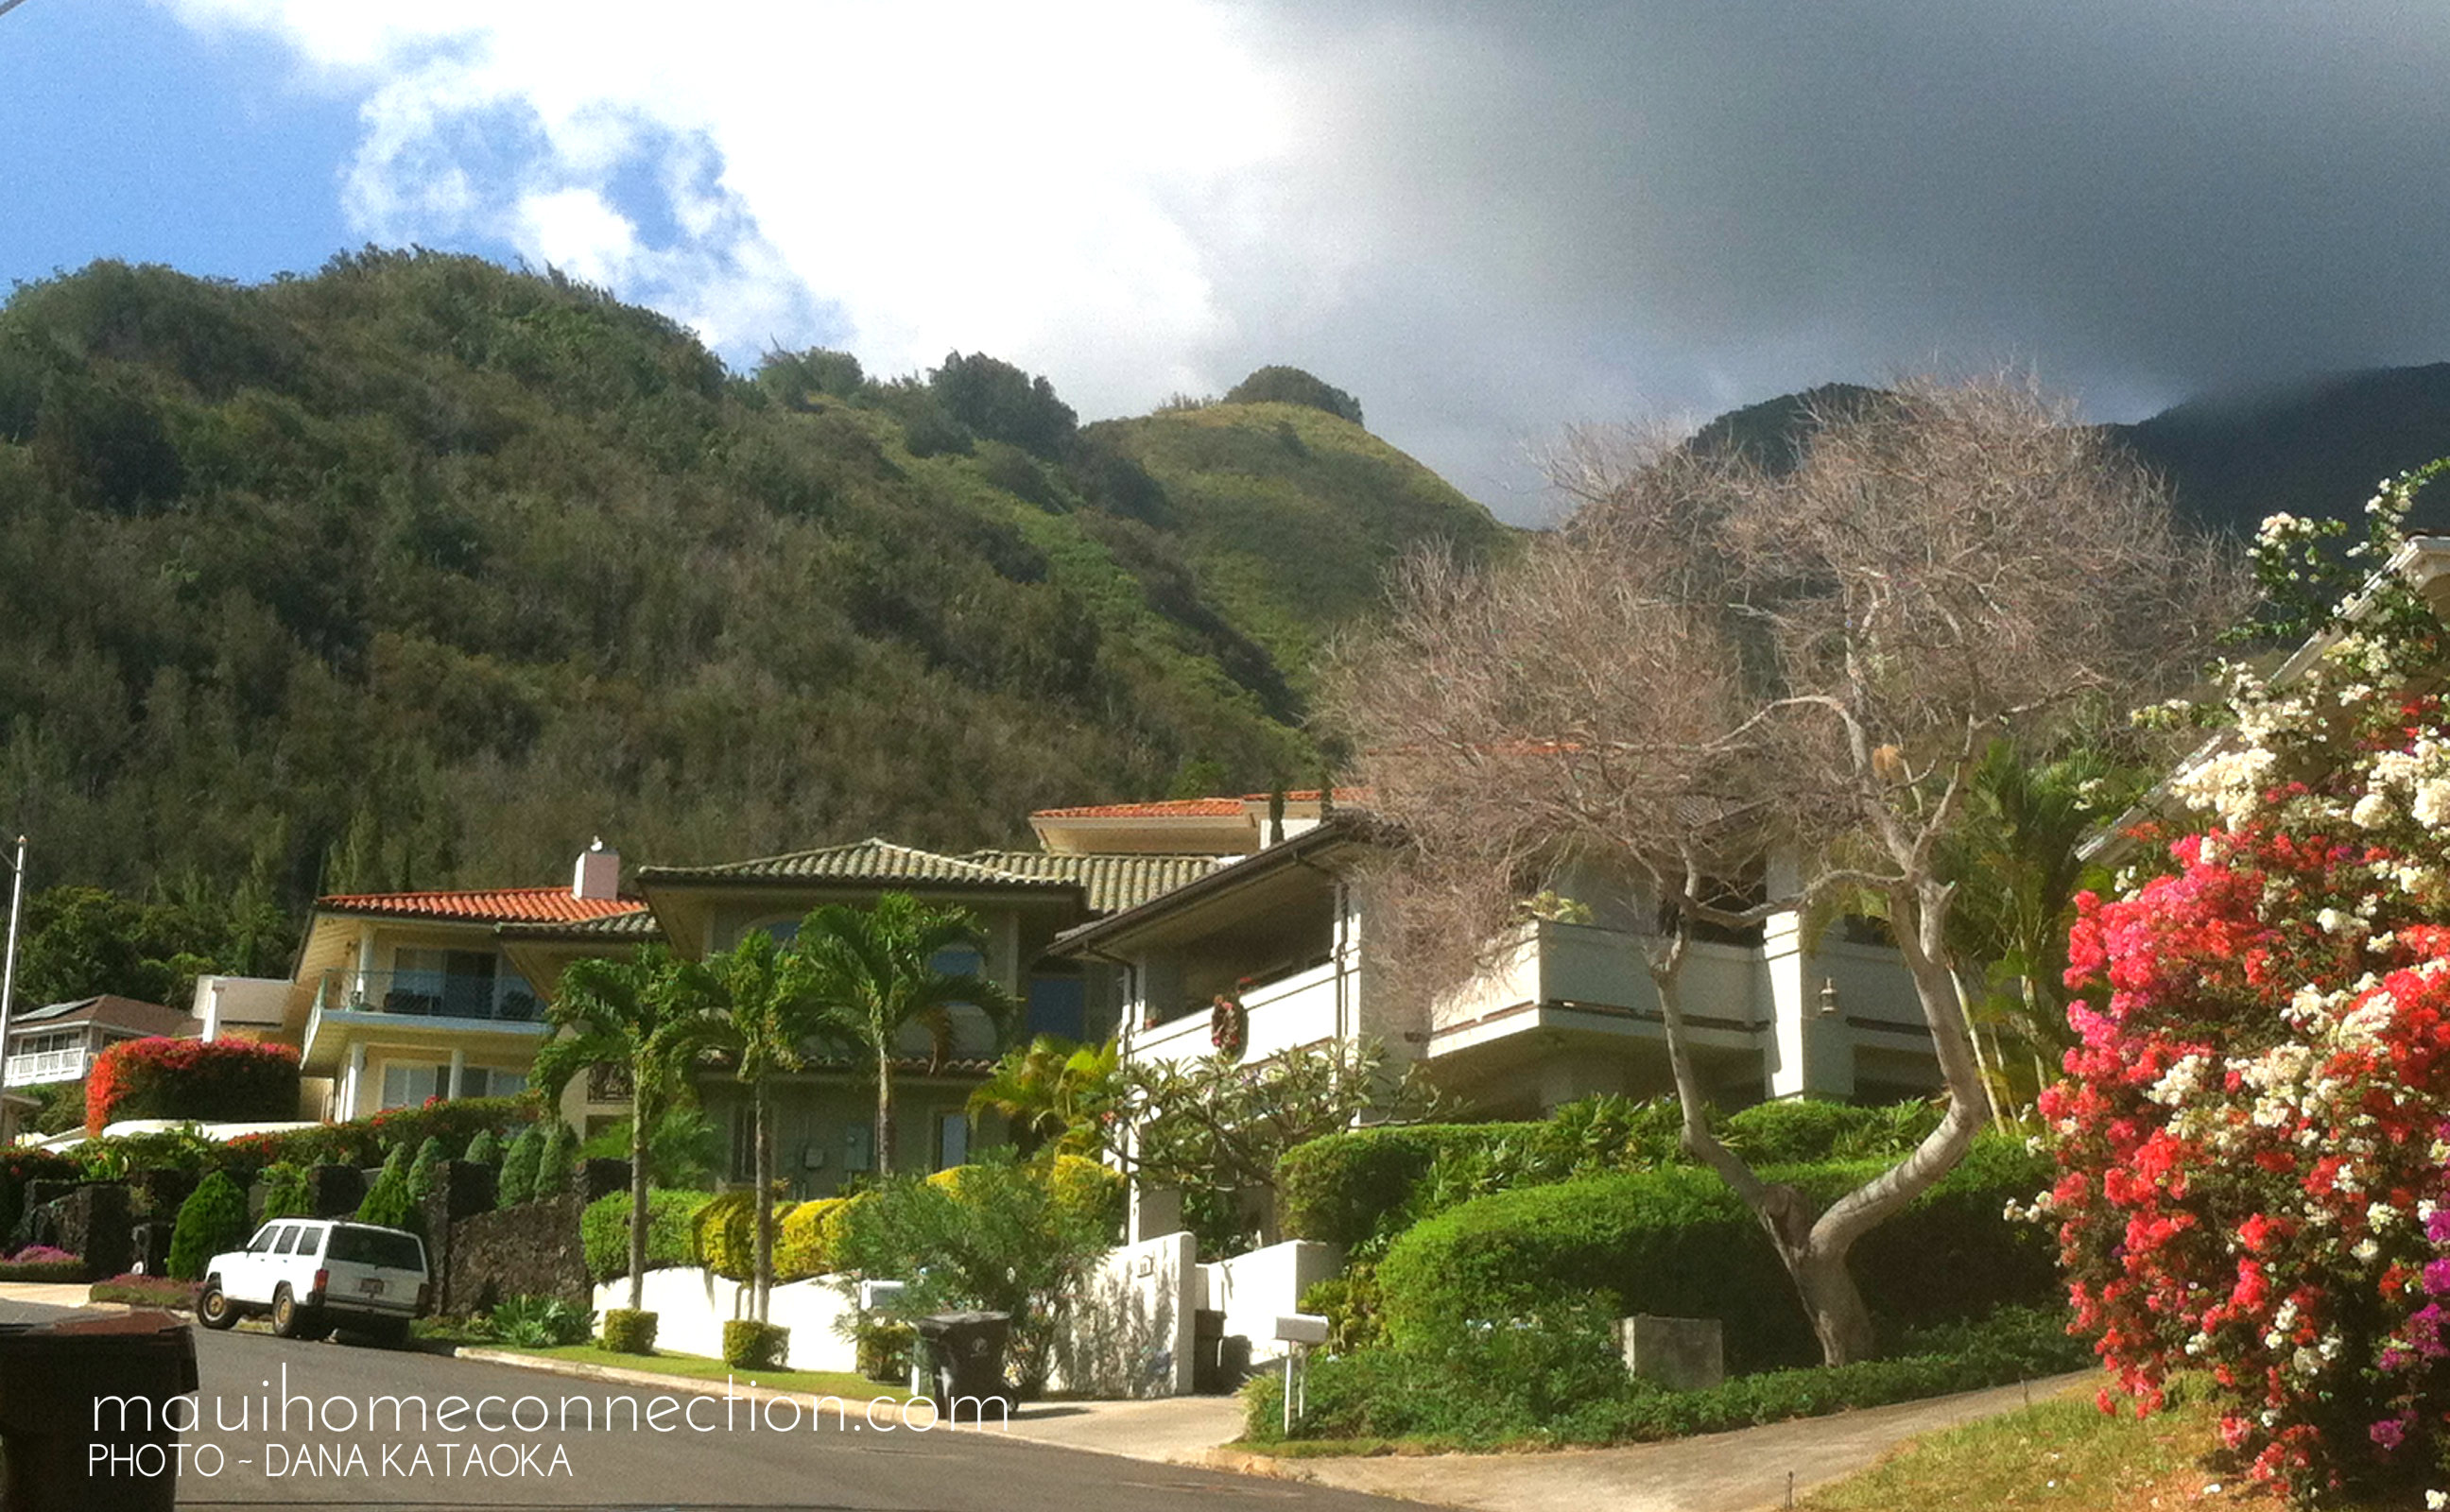 Central Maui Homes for sale | MauiHomeConnection Wailuku